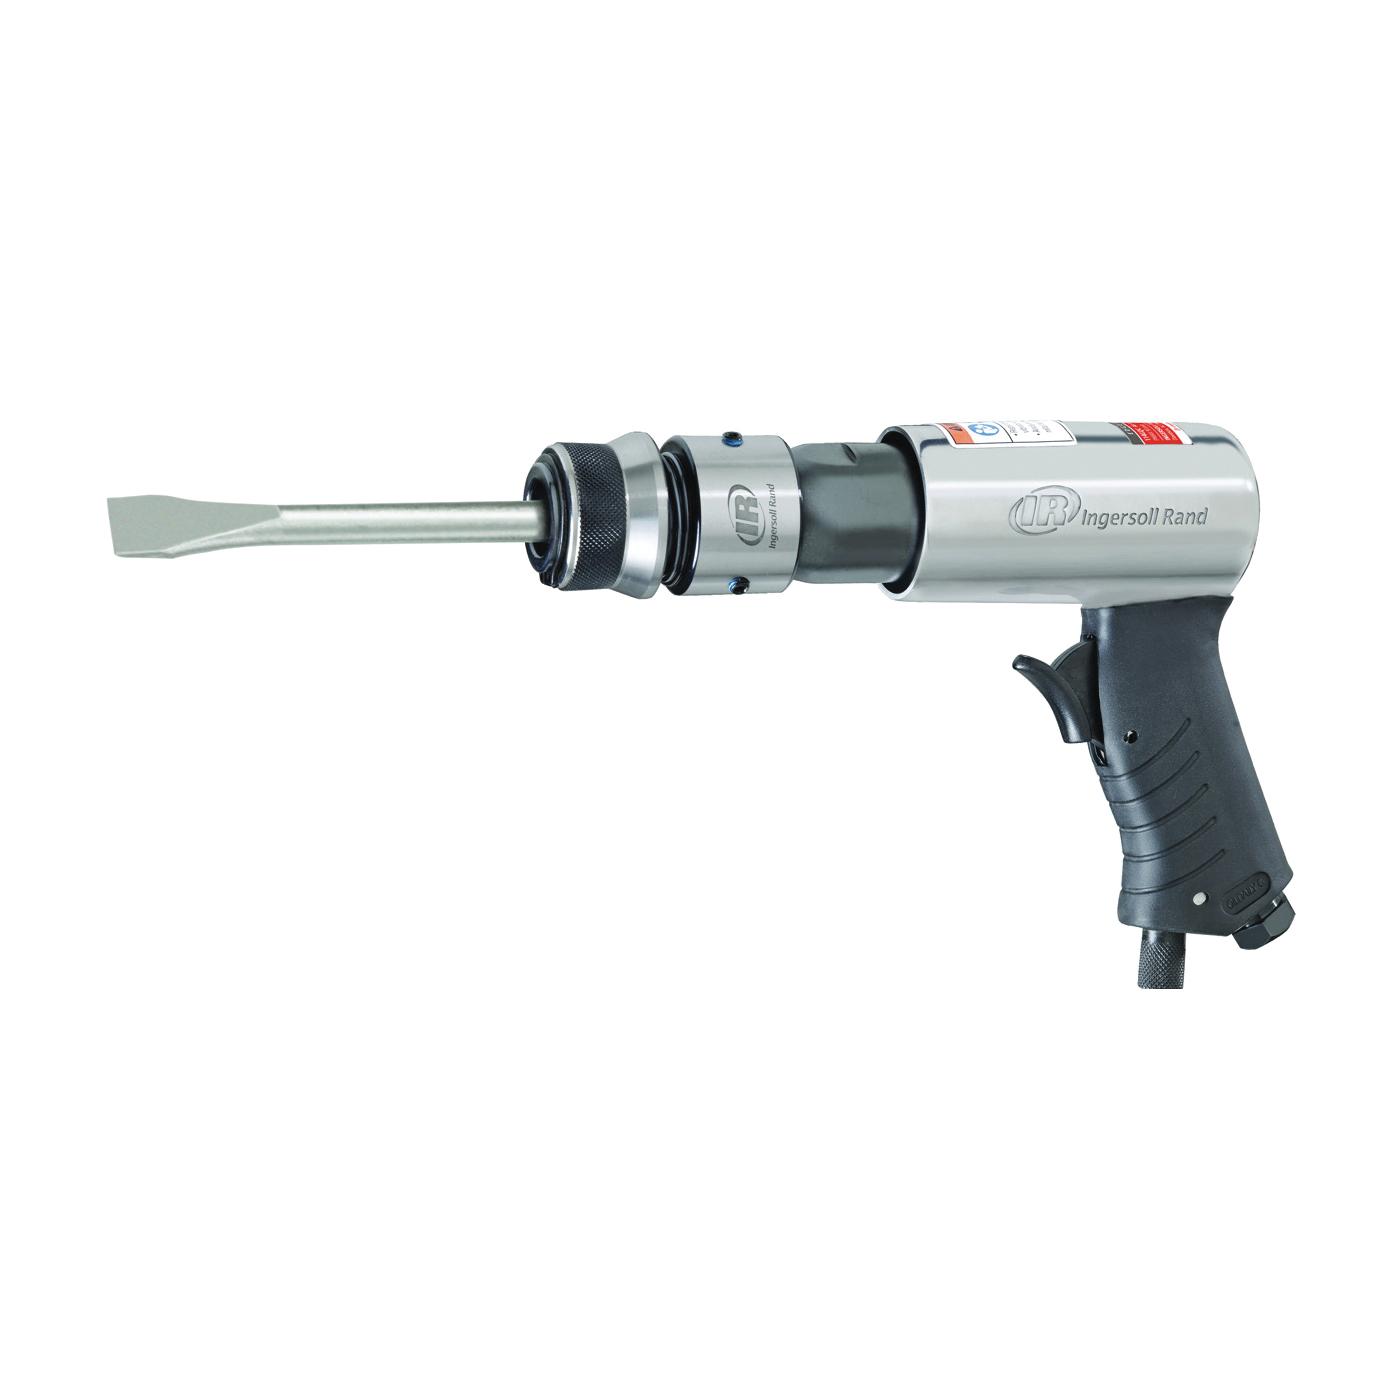 Picture of Ingersoll Rand Edge Series 114GQC Air Hammer, 3500 bpm BPM, 4 cfm Air